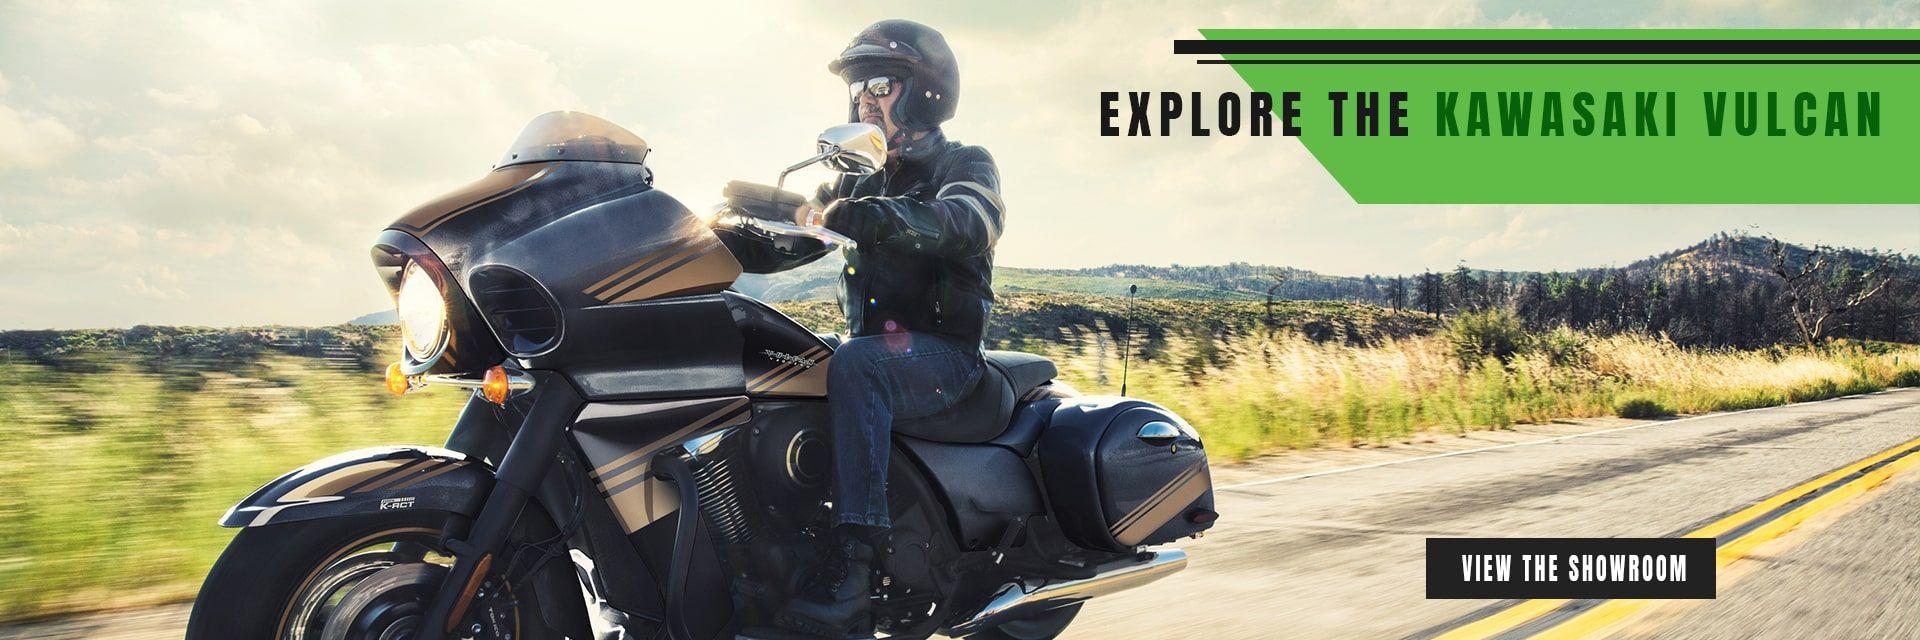 Explore the Kawasaki Vulcan at Big Boyz Toys